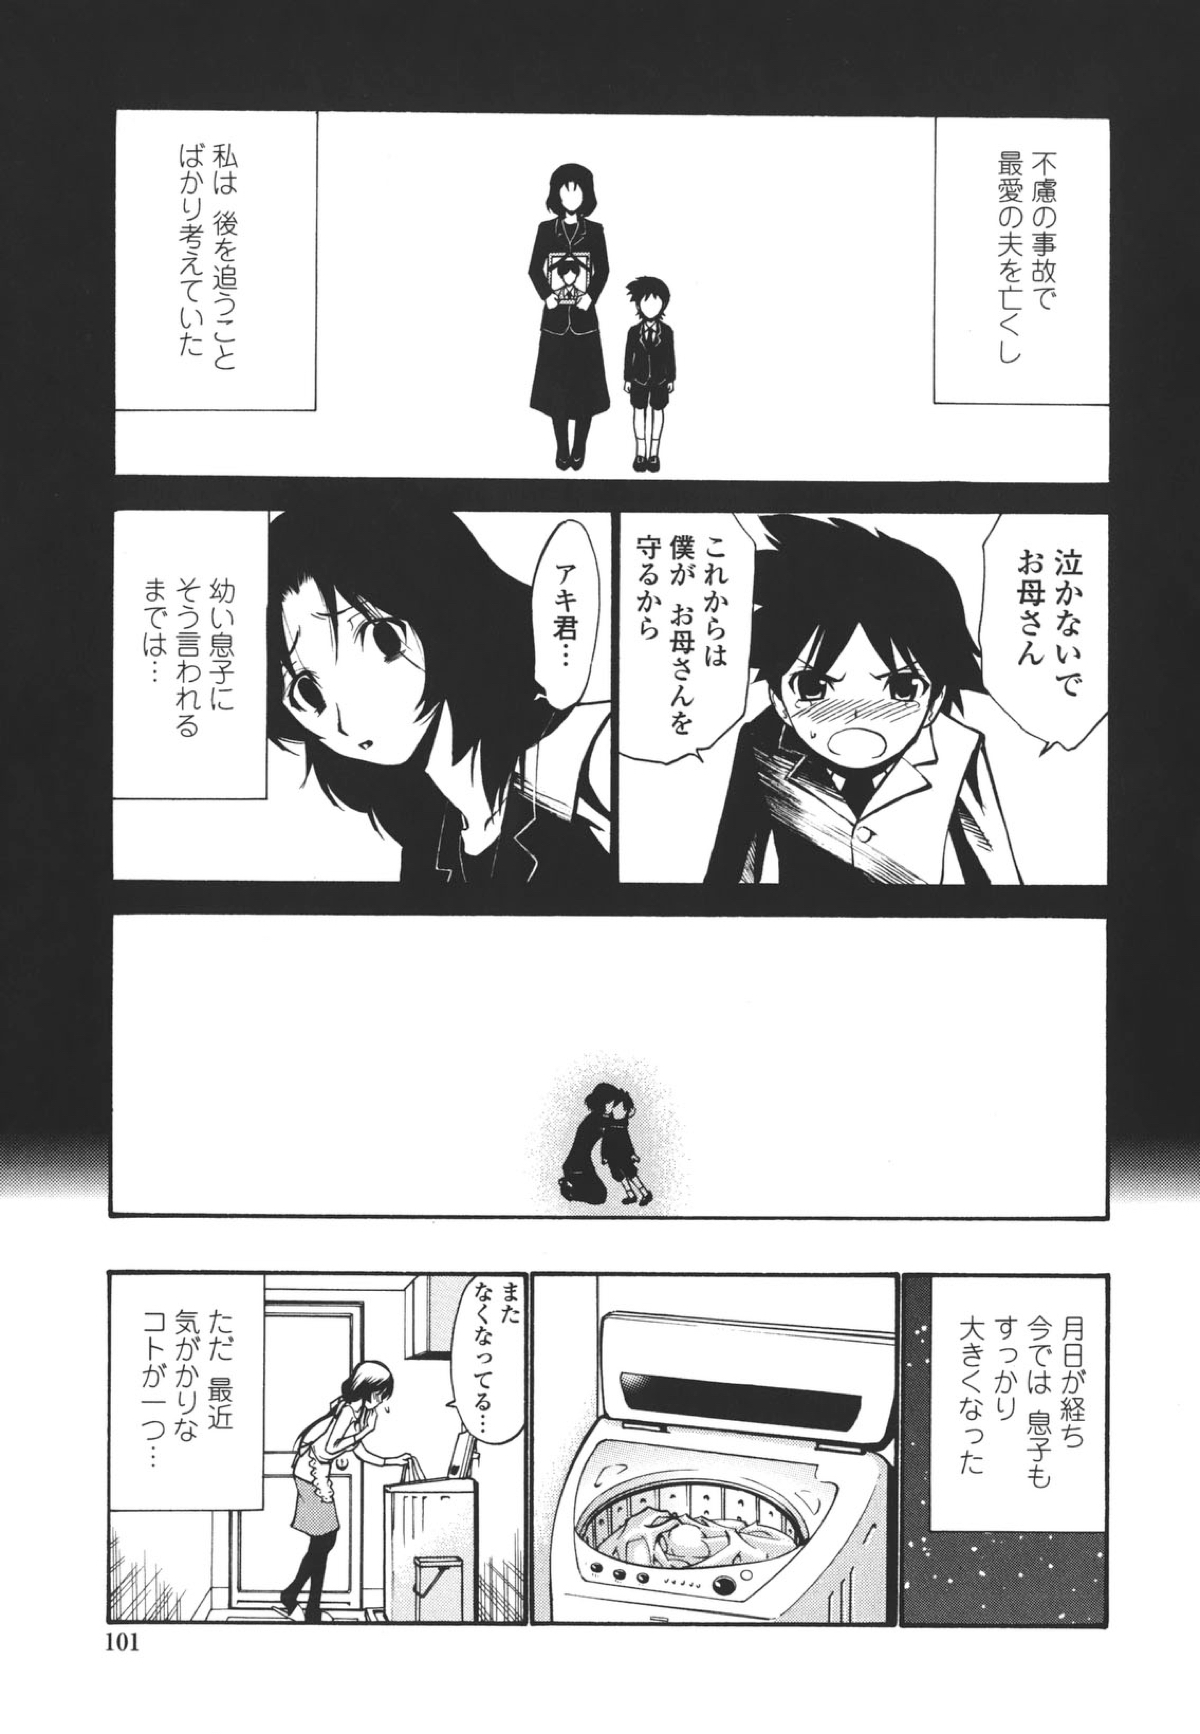 [西川康] 息子の女 (1)